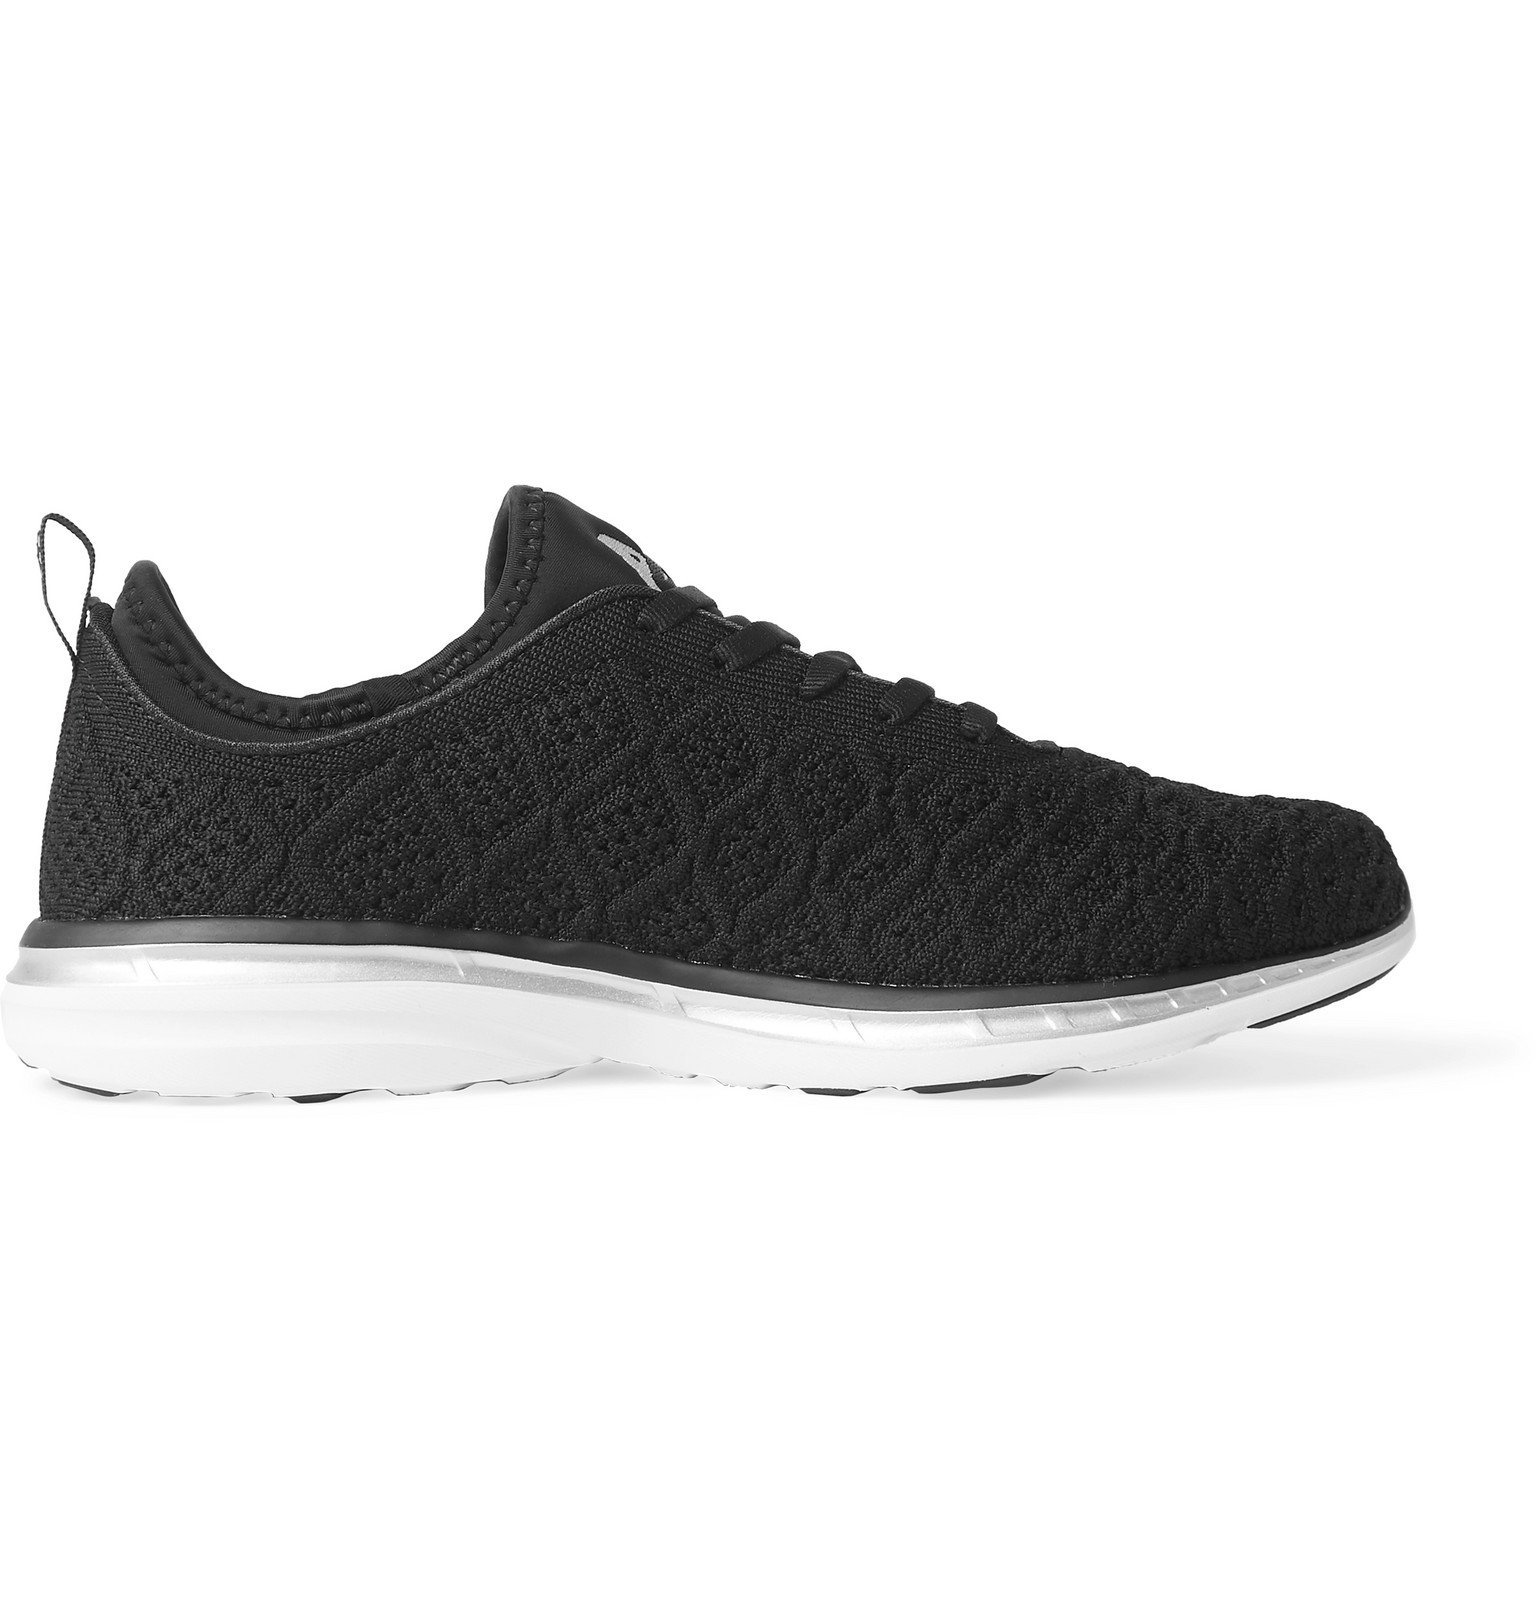 Photo: APL Athletic Propulsion Labs - TechLoom Phantom Running Sneakers - Black